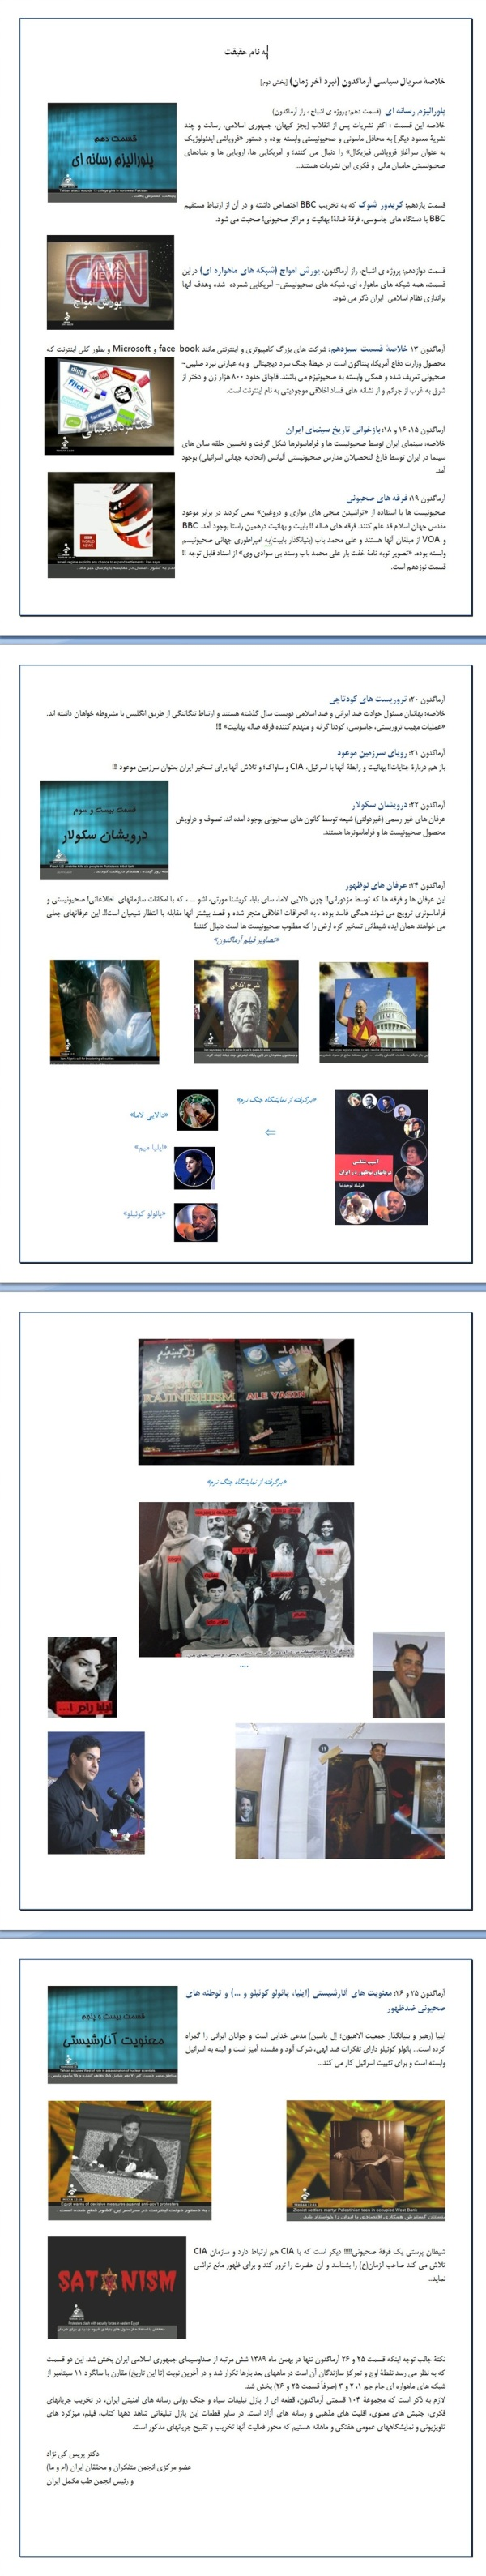 پیمان فتاحی,ایلیا رام الله,رامالله,پ.ف,ایلیا م رام الله, ا.م.رام الله,جمعیت الیاسین,الیاس رام اله ,سريال سياسي آرماگدون ,نبرد آخر زمان,پلورالیزم رسانه ای ,پروژه ی اشباح ,راز آرماگدون,: , كيهان, جمهوري اسلامي, رسالت , تخریب BBC , پروژه ی اشباح, راز آرماگدون, نظام ایران ,اينترنت , وزارت دفاع آمريكا, پنتاگون ,بابيت و بهائيت , انگليس ,سرزمين موعود,درويشان سكولار,عرفان هاي غير رسمي , تصوف و دراويش ,عرفان هاي نوظهور, دالايي لاما, ساي بابا, كريشنا مورتي, اشو , عرفانهاي جعلي , جريانهاي فكري,جنبش هاي معنوي, اقليت هاي مذهبي , رسانه هاي آزاد , كتاب، فيلم، ميزگرد تلويزيوني , نمايشگاههاي عمومي , دكتر پريس كي نژاد  پیمان فتاحی,ایلیا رام الله,رامالله,پ.ف,ایلیا م رام الله, ا.م.رام الله,جمعیت الیاسین,الیاس رام اله ,اخباری پیرامون دستگیری و بازداشت ایلیا رام الله,دلایل بازداشت و دستگیری ایلیا رام الله,علت و علل بازداشت و دستگیری ایلیا رام الله,ایلیا رام الله زندانی شد,پیمان فتاحی زندانی شد,بازتاب و انعکاس دستگیری و بازداشت پیمان فتاحی,رام الله کیست,شرایط ایلیا رام الله,شرایط پیمان فتاحی,ایلیا رام الله دستگیر شد,ایلیا رام الله بازداشت شد,پیمان فتاحی مشهور به ایلیا رام الله,پیمان فتاحی معروف به ایلیا رام الله,پیمان فتاحی مشهور به ایلیا میم,پیمان فتاحی معروف به ایلیا میم,ایلیا میم بازداشت شد,ایلیا میم دستگیر شد,بازداشت پیمان فتاحی مشهور به ایلیا رام الله,بازداشت پیمان فتاحی معروف به ایلیا رام الله,بازداشت پیمان فتاحی مشهور به ایلیا میم,بازداشت پیمان فتاحی معروف به ایلیا میم,دستگیری پیمان فتاحی مشهور به ایلیا رام الله,دستگیری پیمان فتاحی معروف به ایلیا رام الله,دستگیری پیمان فتاحی مشهور به ایلیا میم,دستگیری پیمان فتاحی معروف به ایلیا میم